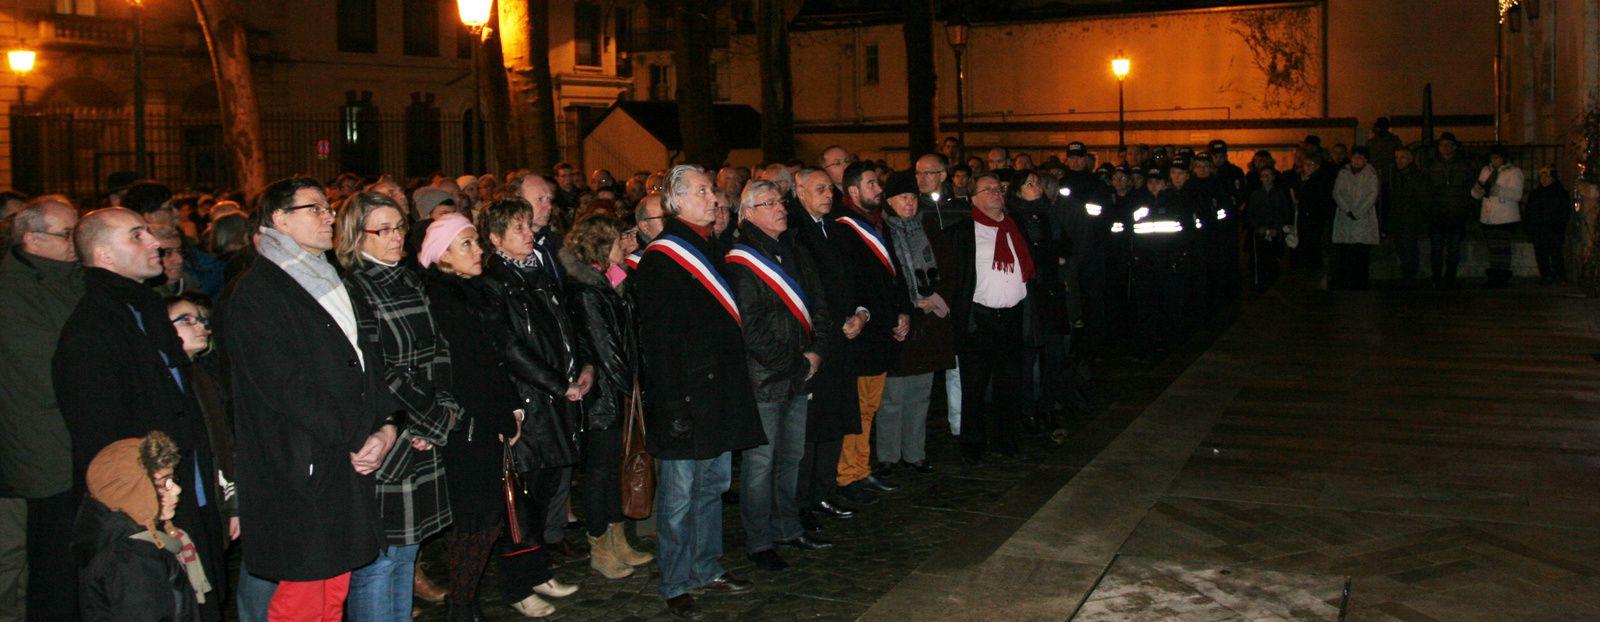 Près de 400 personnes pour Charlie Hebdo à Montargis